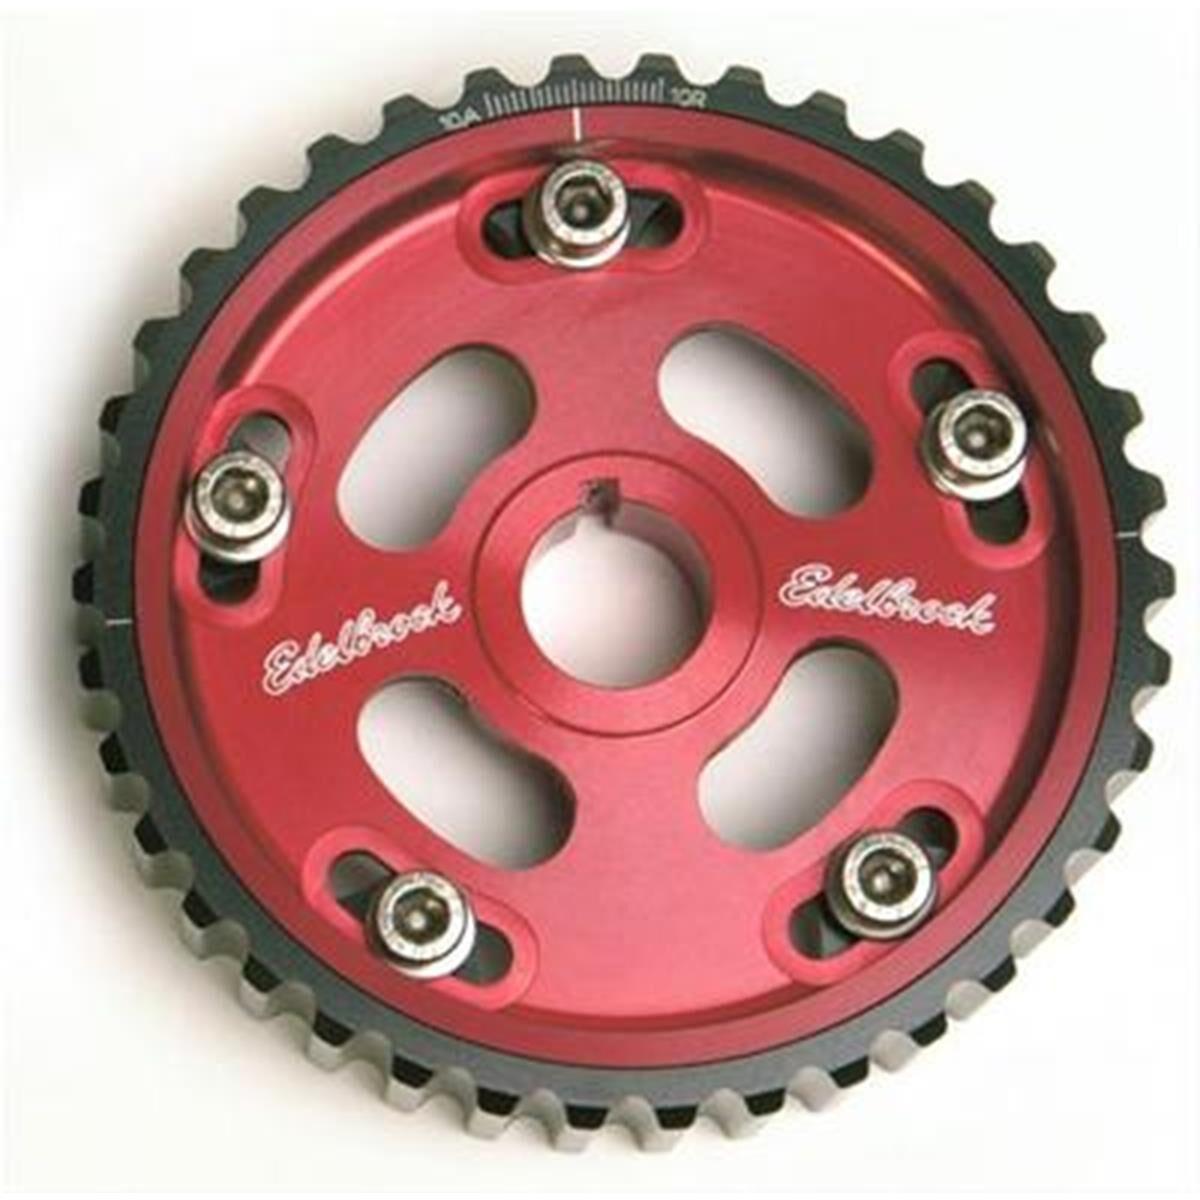 honda cam gears b series engin supercheap auto rh supercheapauto com au